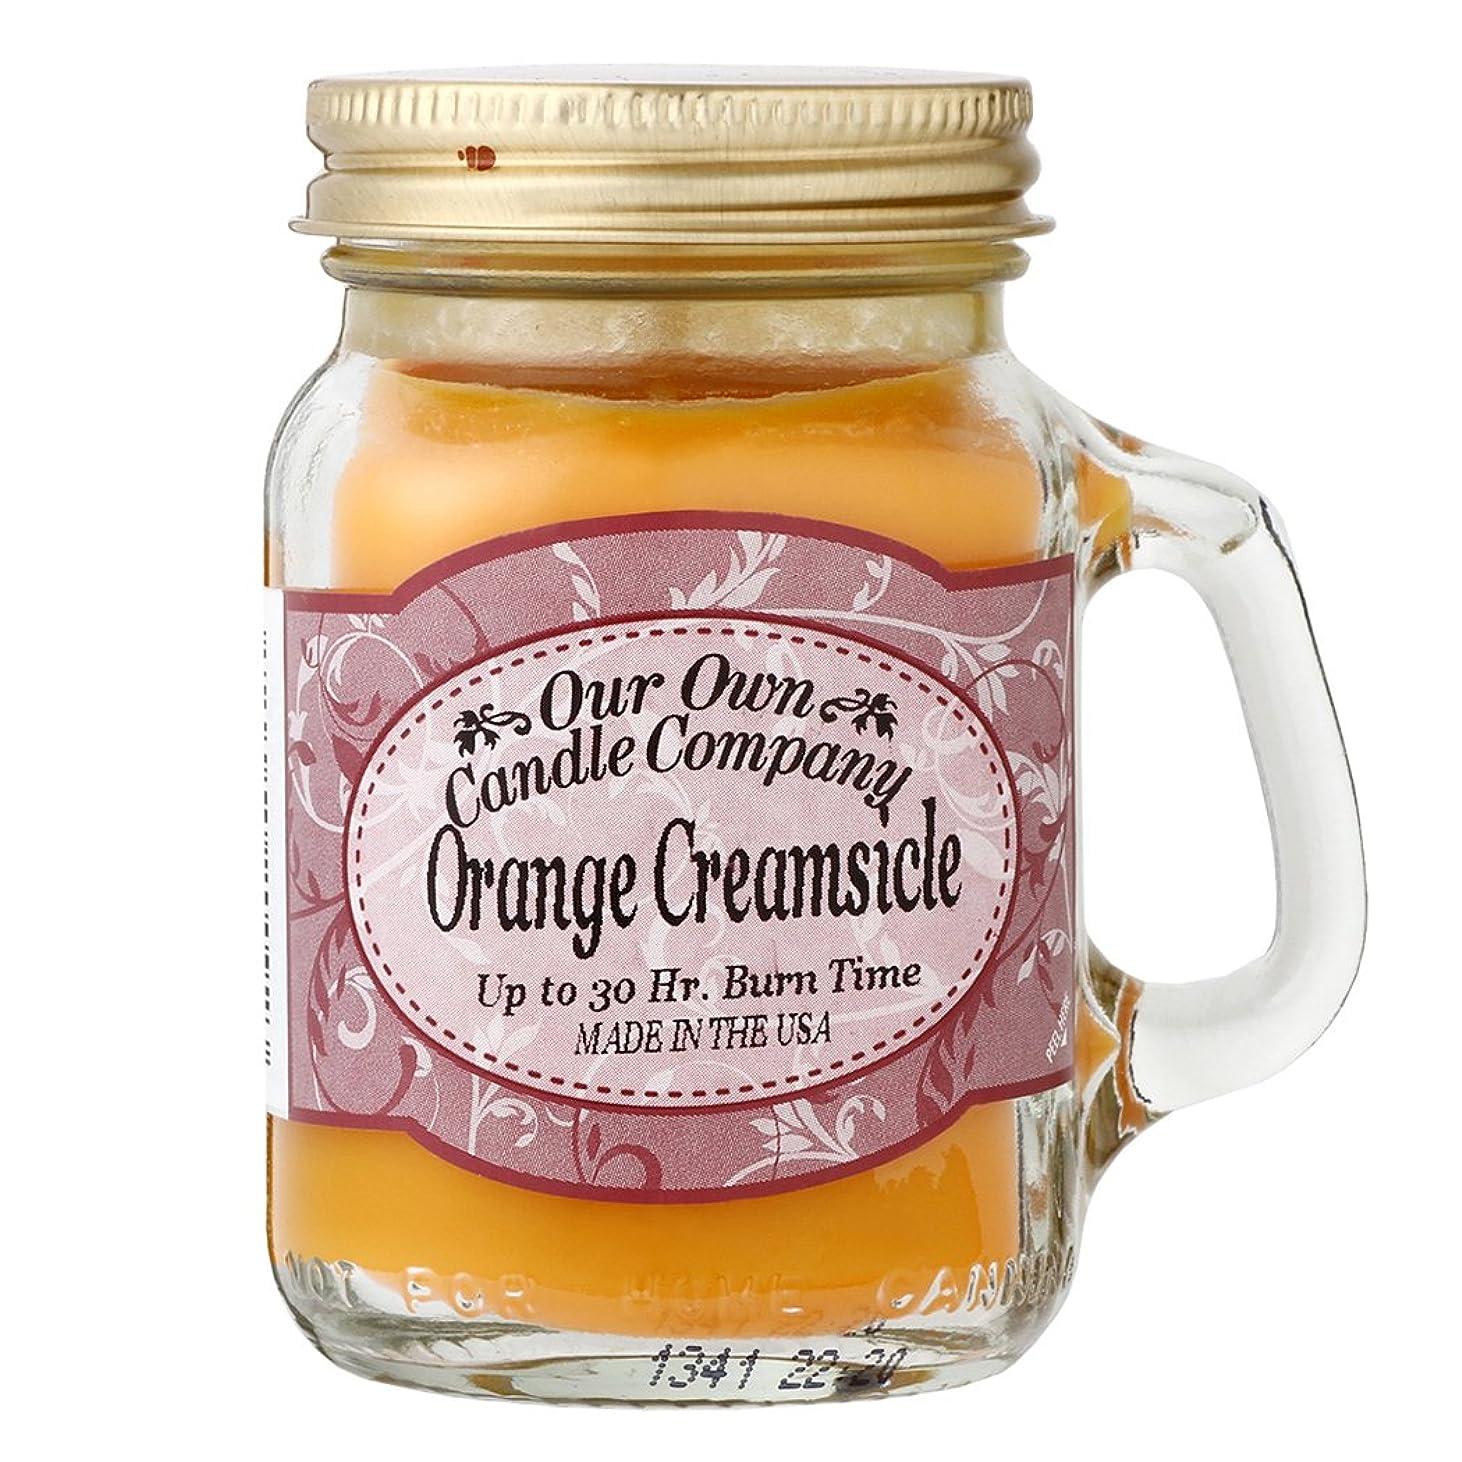 異邦人ミュートすることになっているOur Own Candle Company メイソンジャーキャンドル ミニサイズ オレンジクリームシルク OU200085